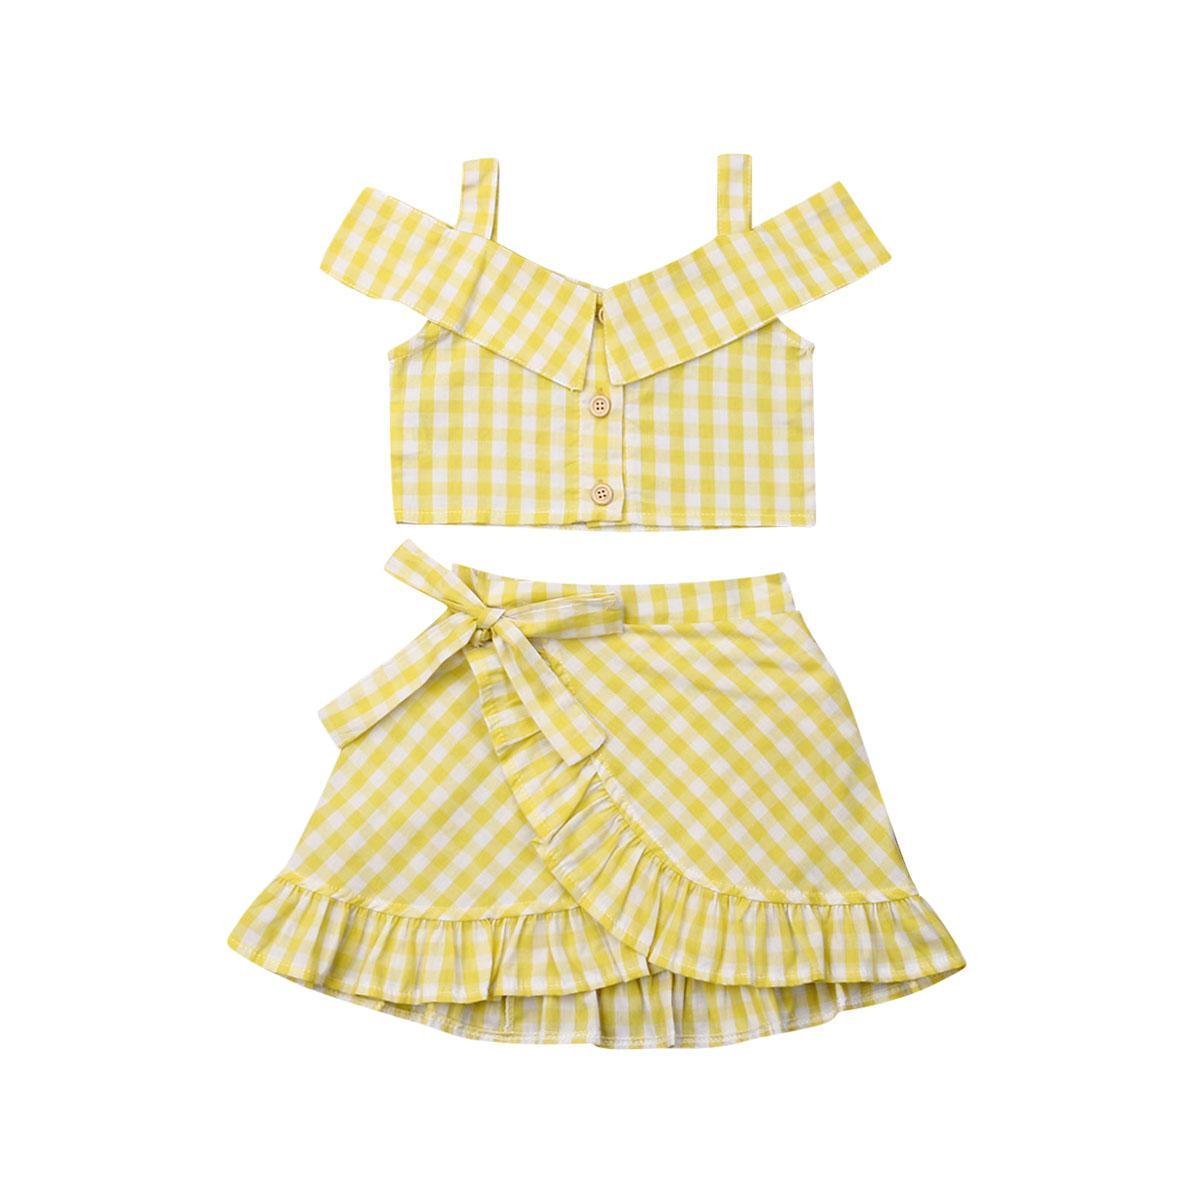 Pudcoco 2019 الصيف الأصفر طفل أزياء الطفل بنات منقوشة ملابس معطلة الكتف المحاصيل الأعلى + توتو تنورة الزي مجموعة